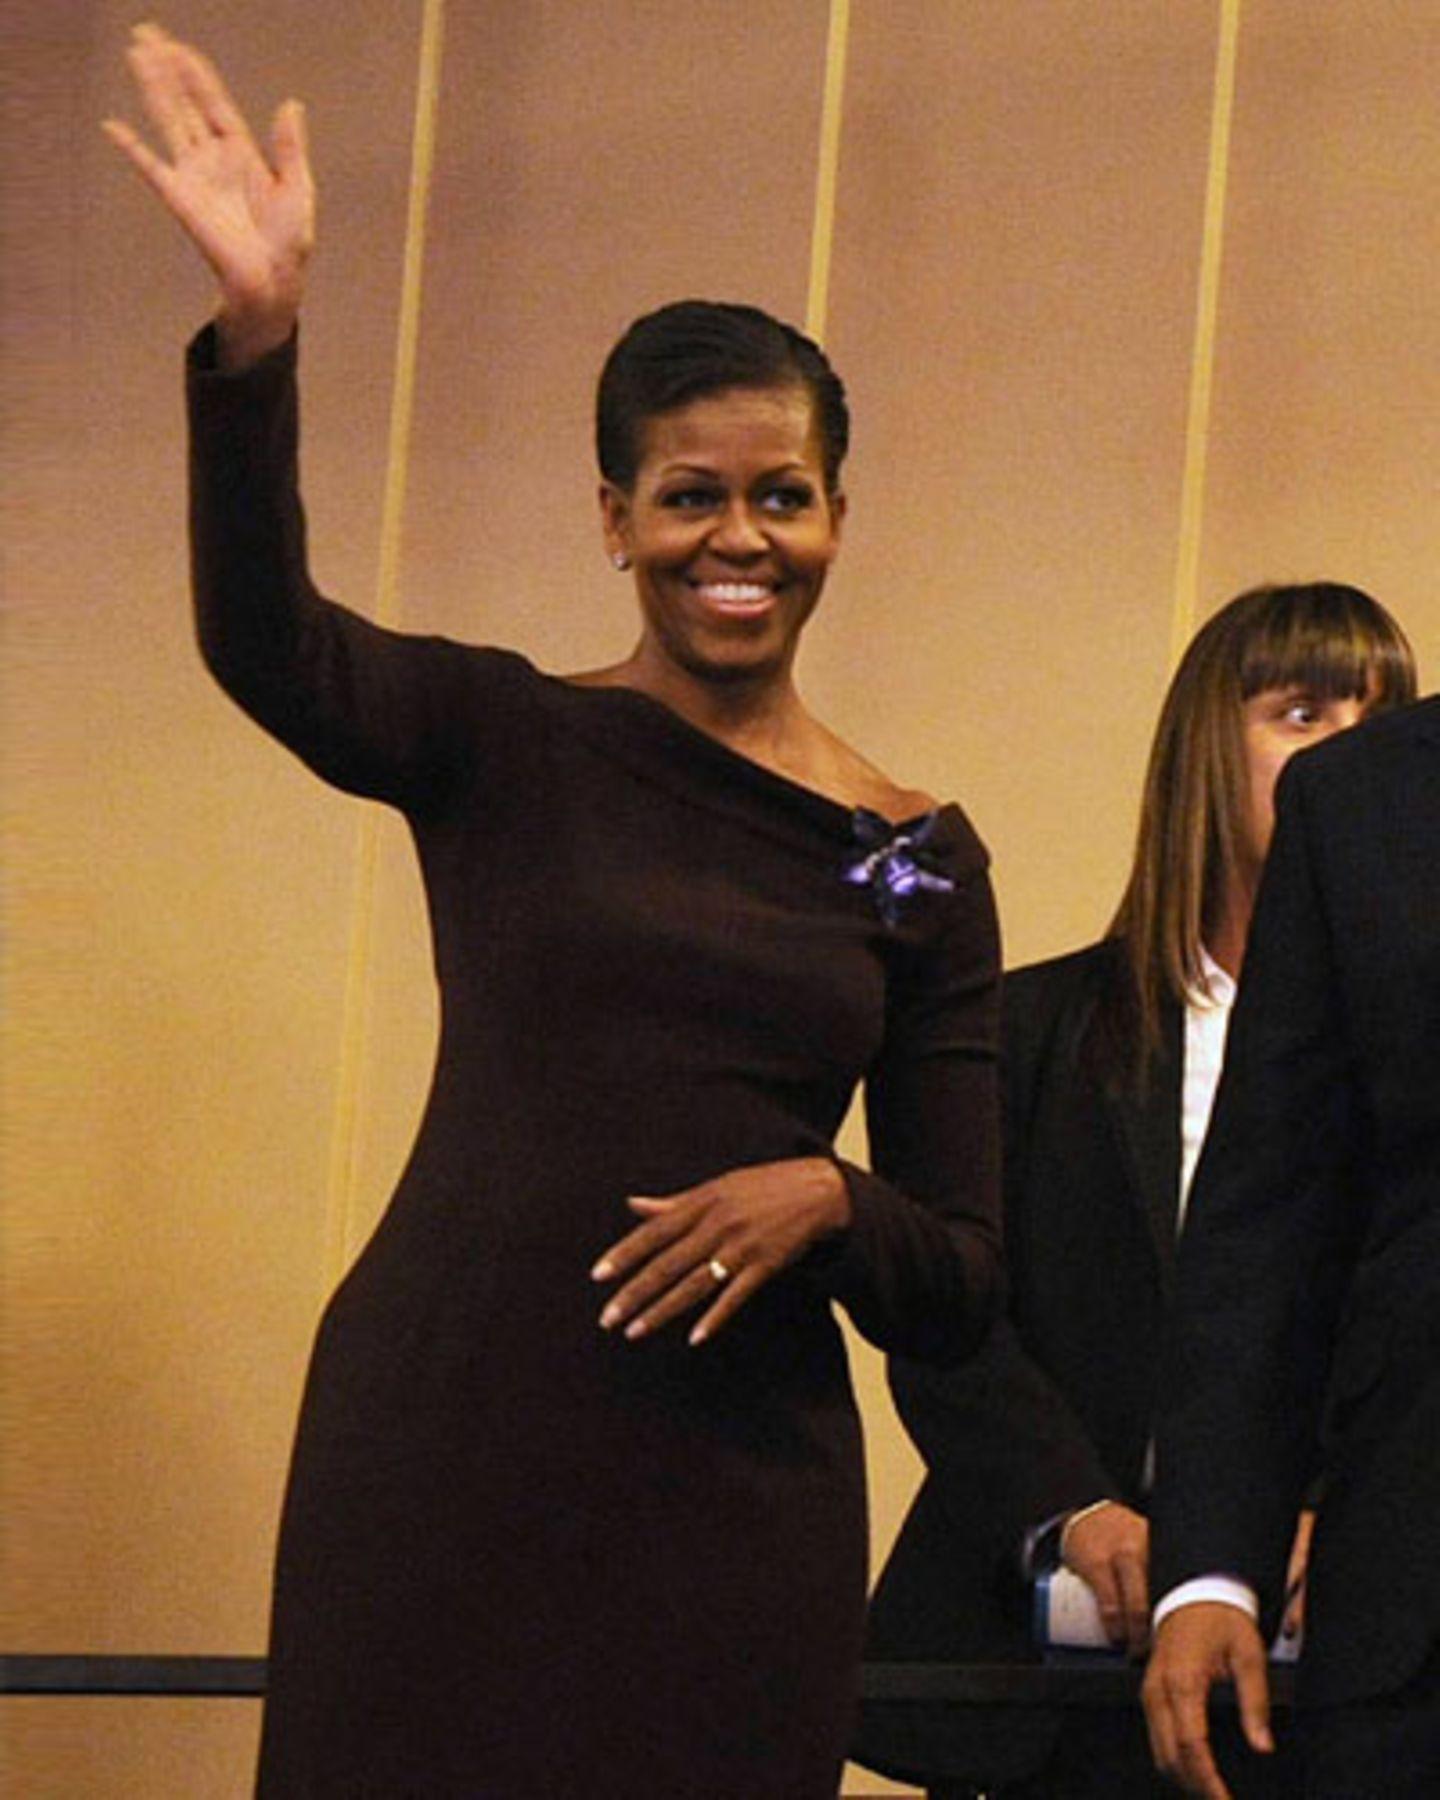 Eine Hommage an Jackie Kennedy: Black Dress im Sixties Stil und die Haare hoch gesteckt - ein eher seltenes Frisurenstyling bei Michelle.